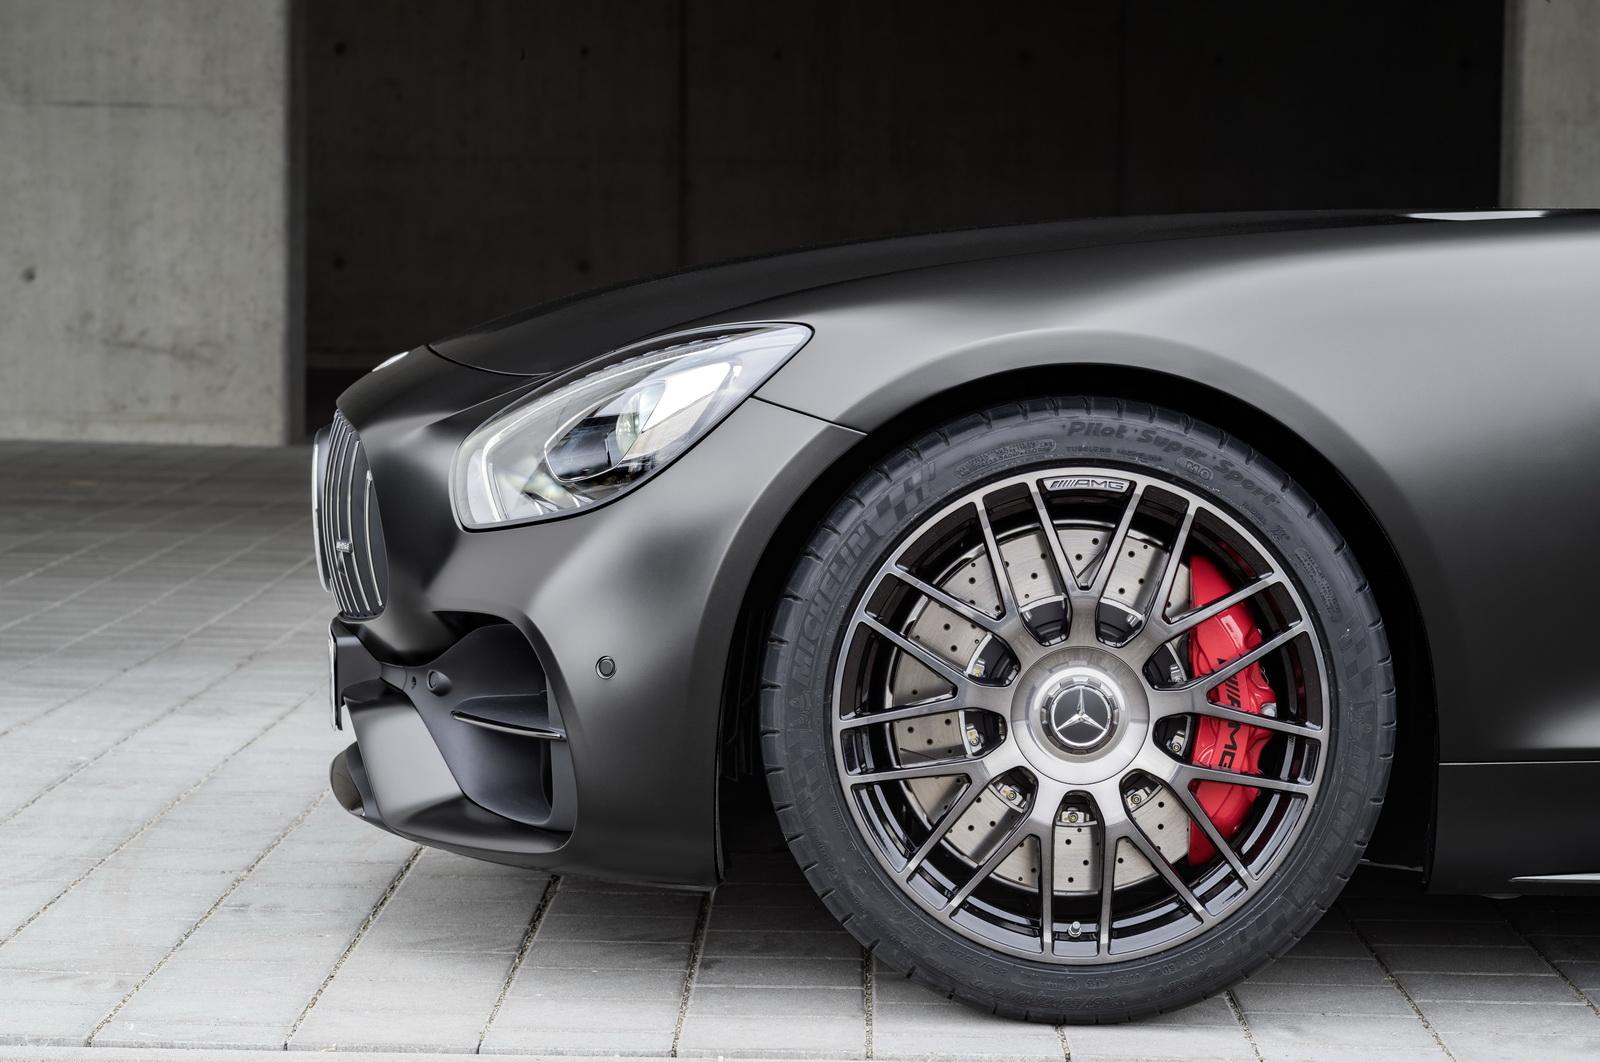 Mercedes-AMG GT C Edition 50, graphitgrau magno, Schmiederäder im Kreuzspeichendesign ;Kraftstoffverbrauch kombiniert: 11,3 l/100 km, CO2-Emissionen kombiniert: 257 g/kmMercedes-AMG GT C Edition 50, graphite grey magno,cross-spoke light-alloy wheels; Fuel consumption combined:  11.3 l/100 km; Combined CO2 emissions: 257 g/km